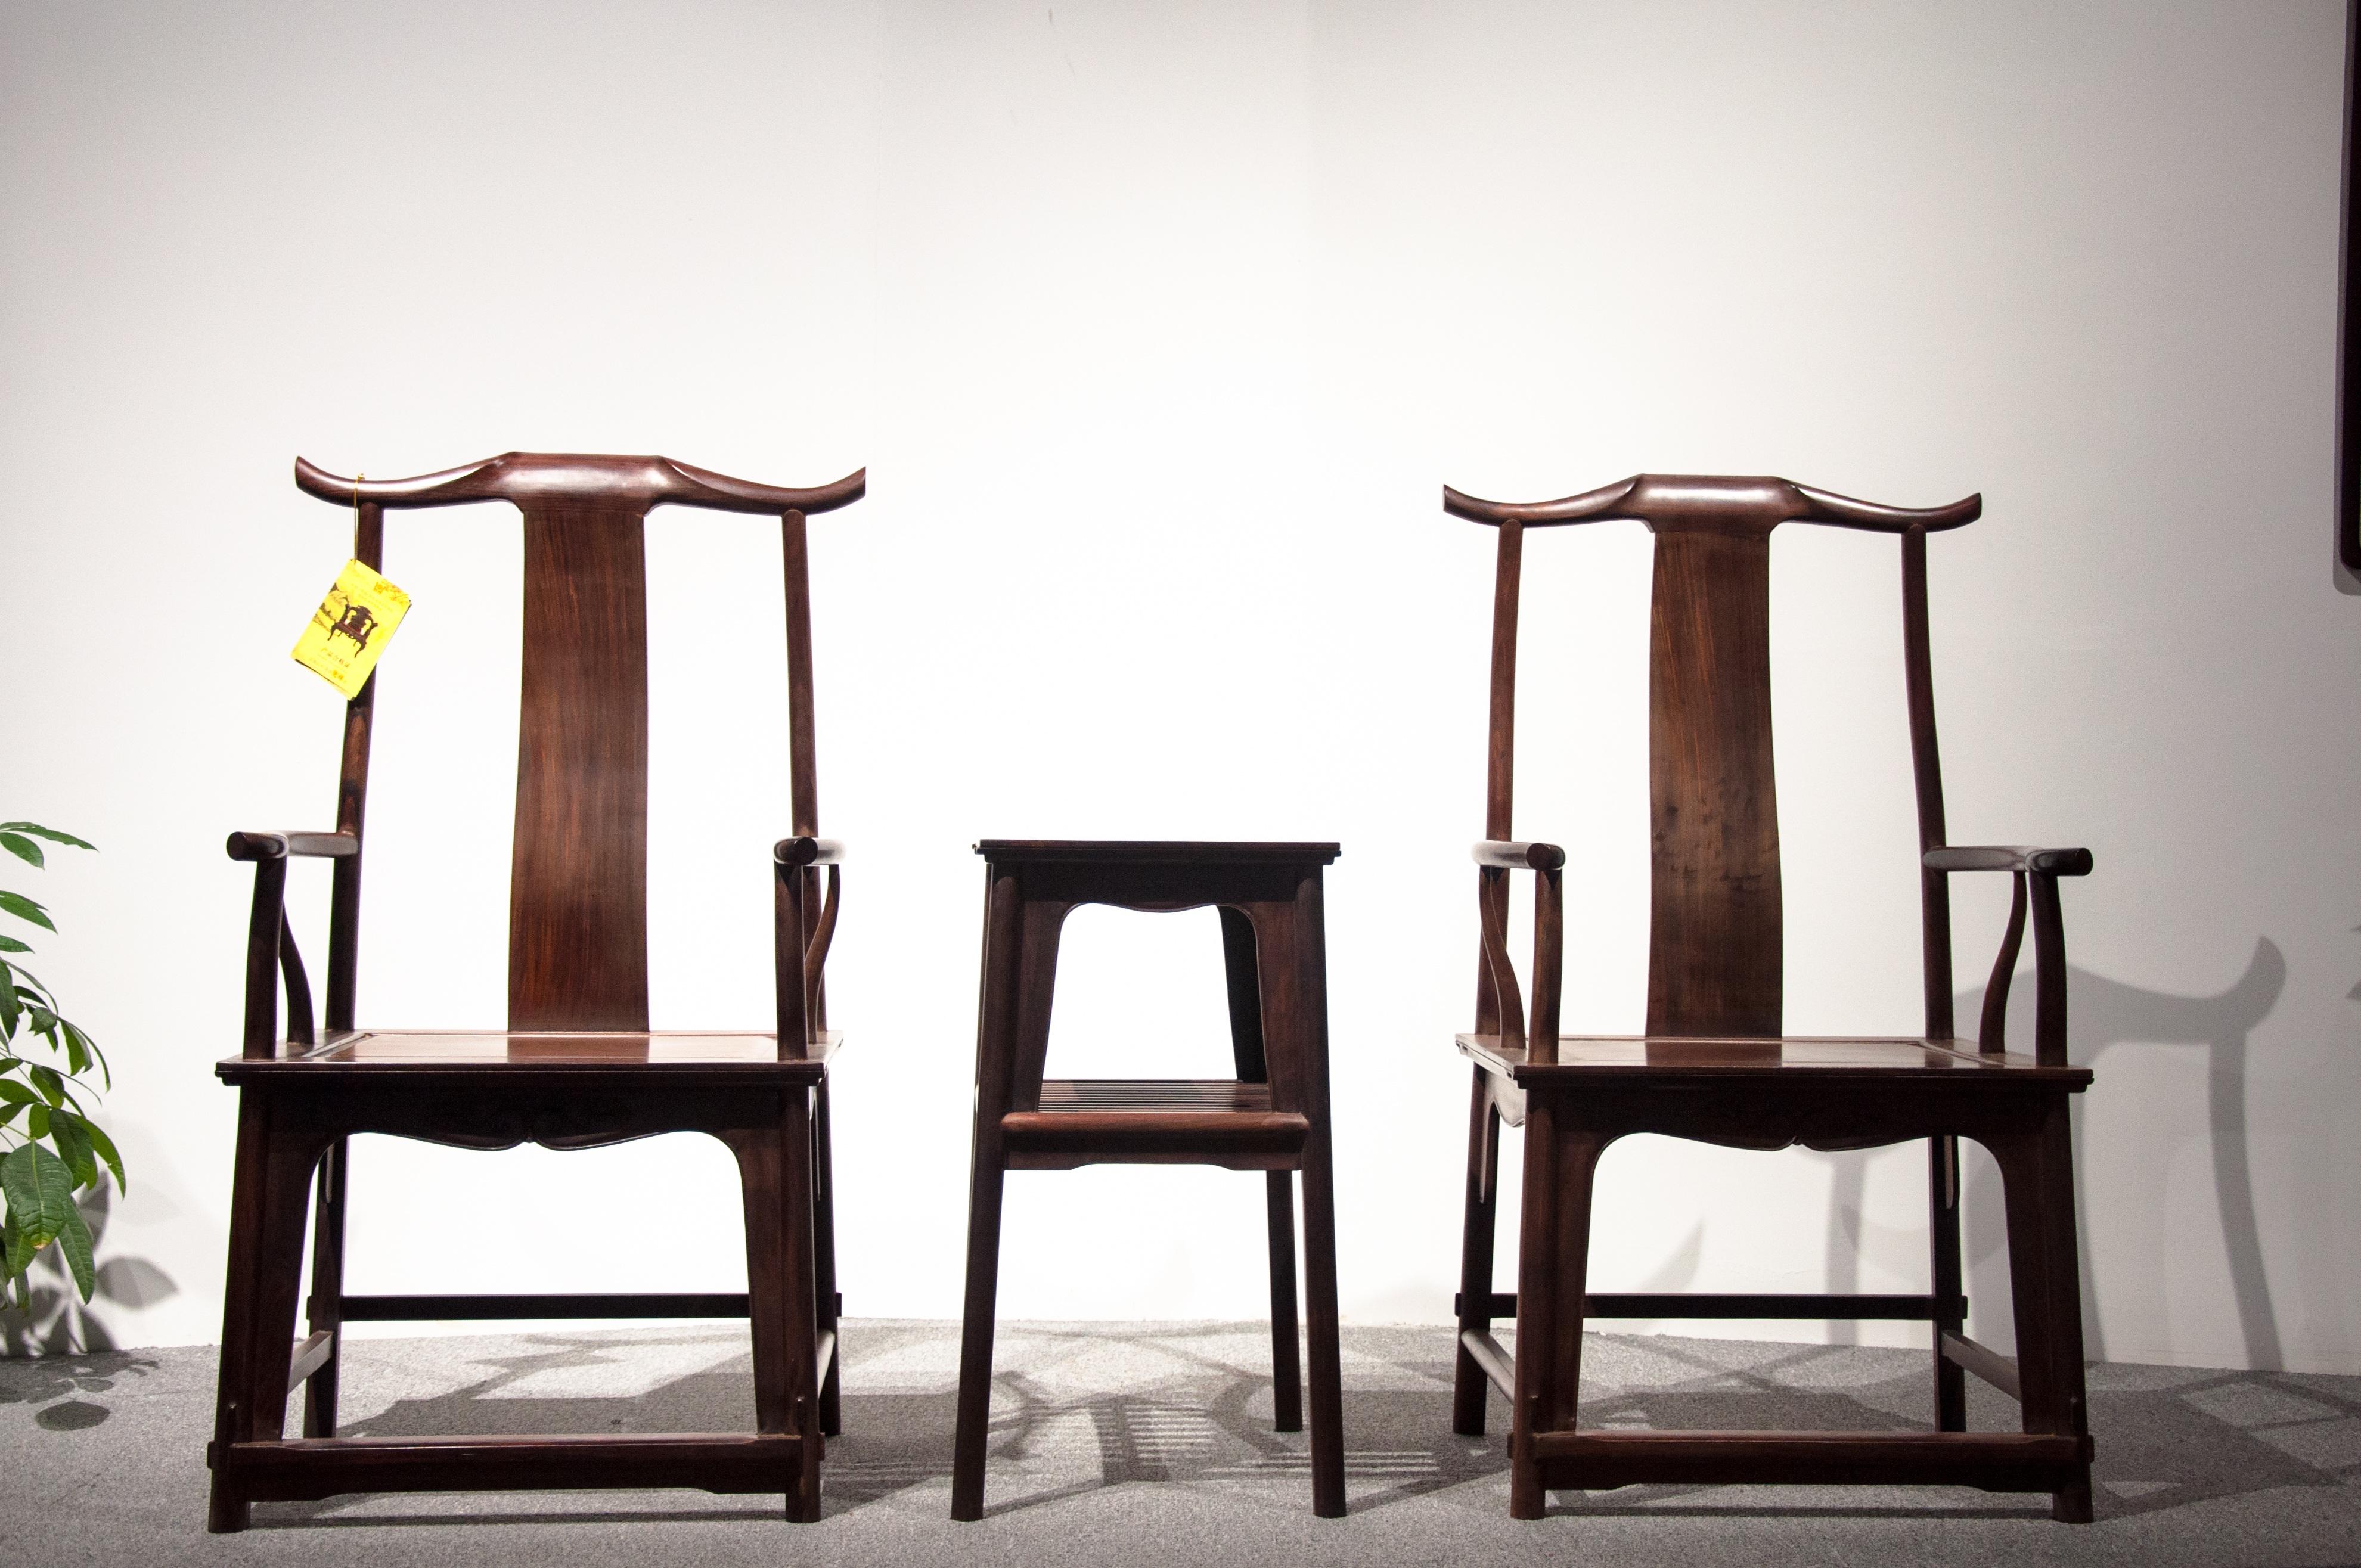 Fotos gratis : mesa, madera, silla, mueble, secoya, diseño, Sillones ...